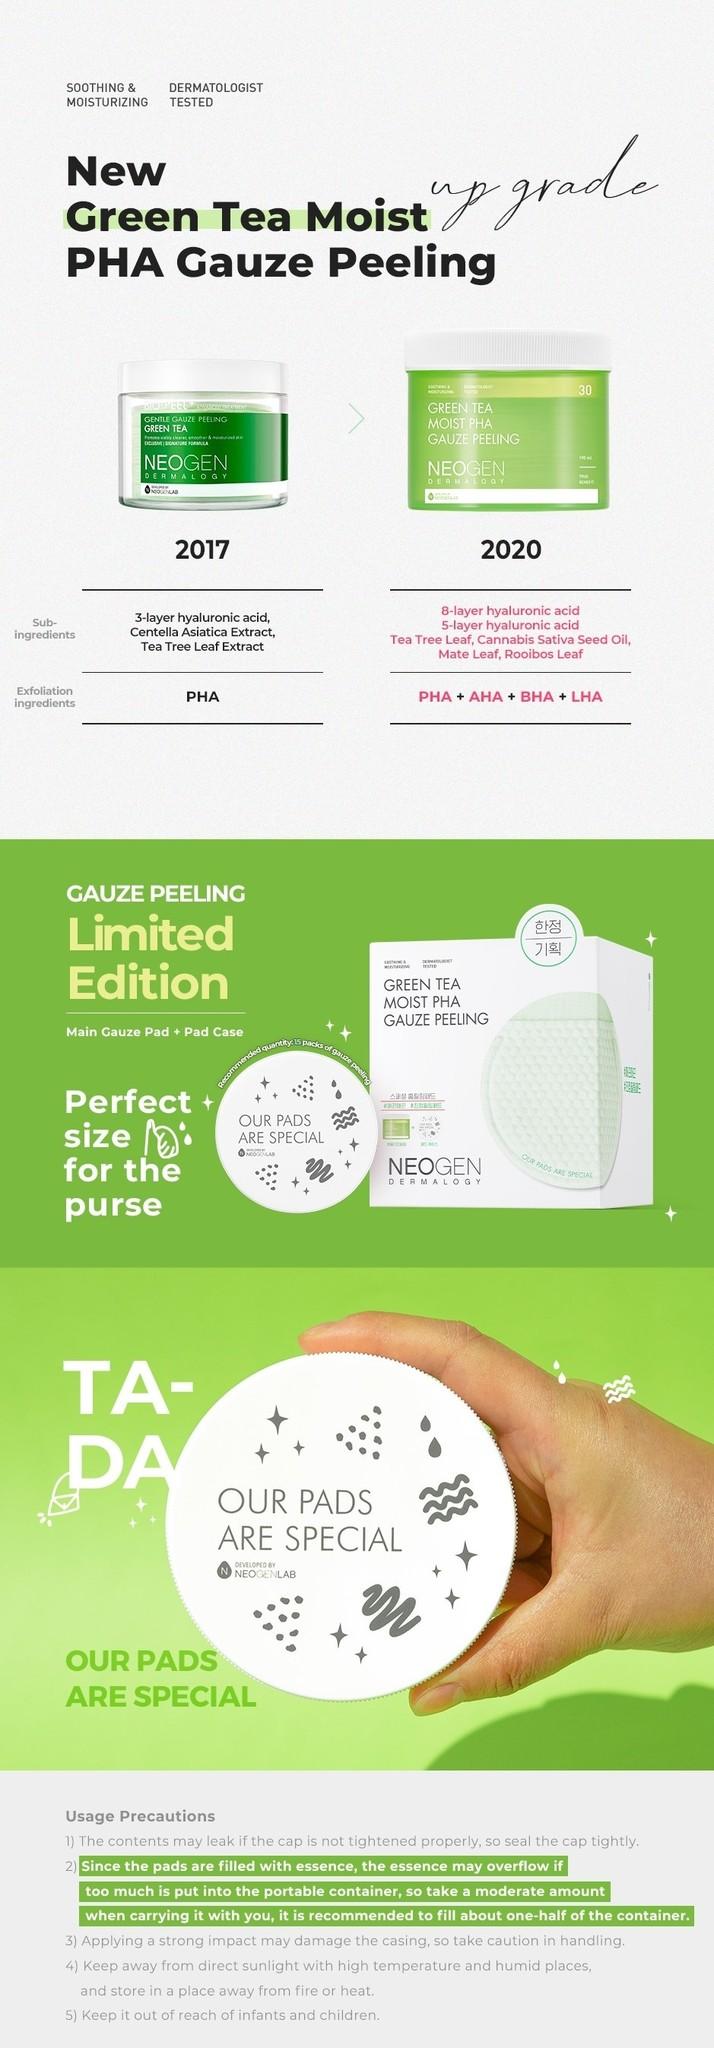 Green Tea Moist PHA Gauze Peeling-3